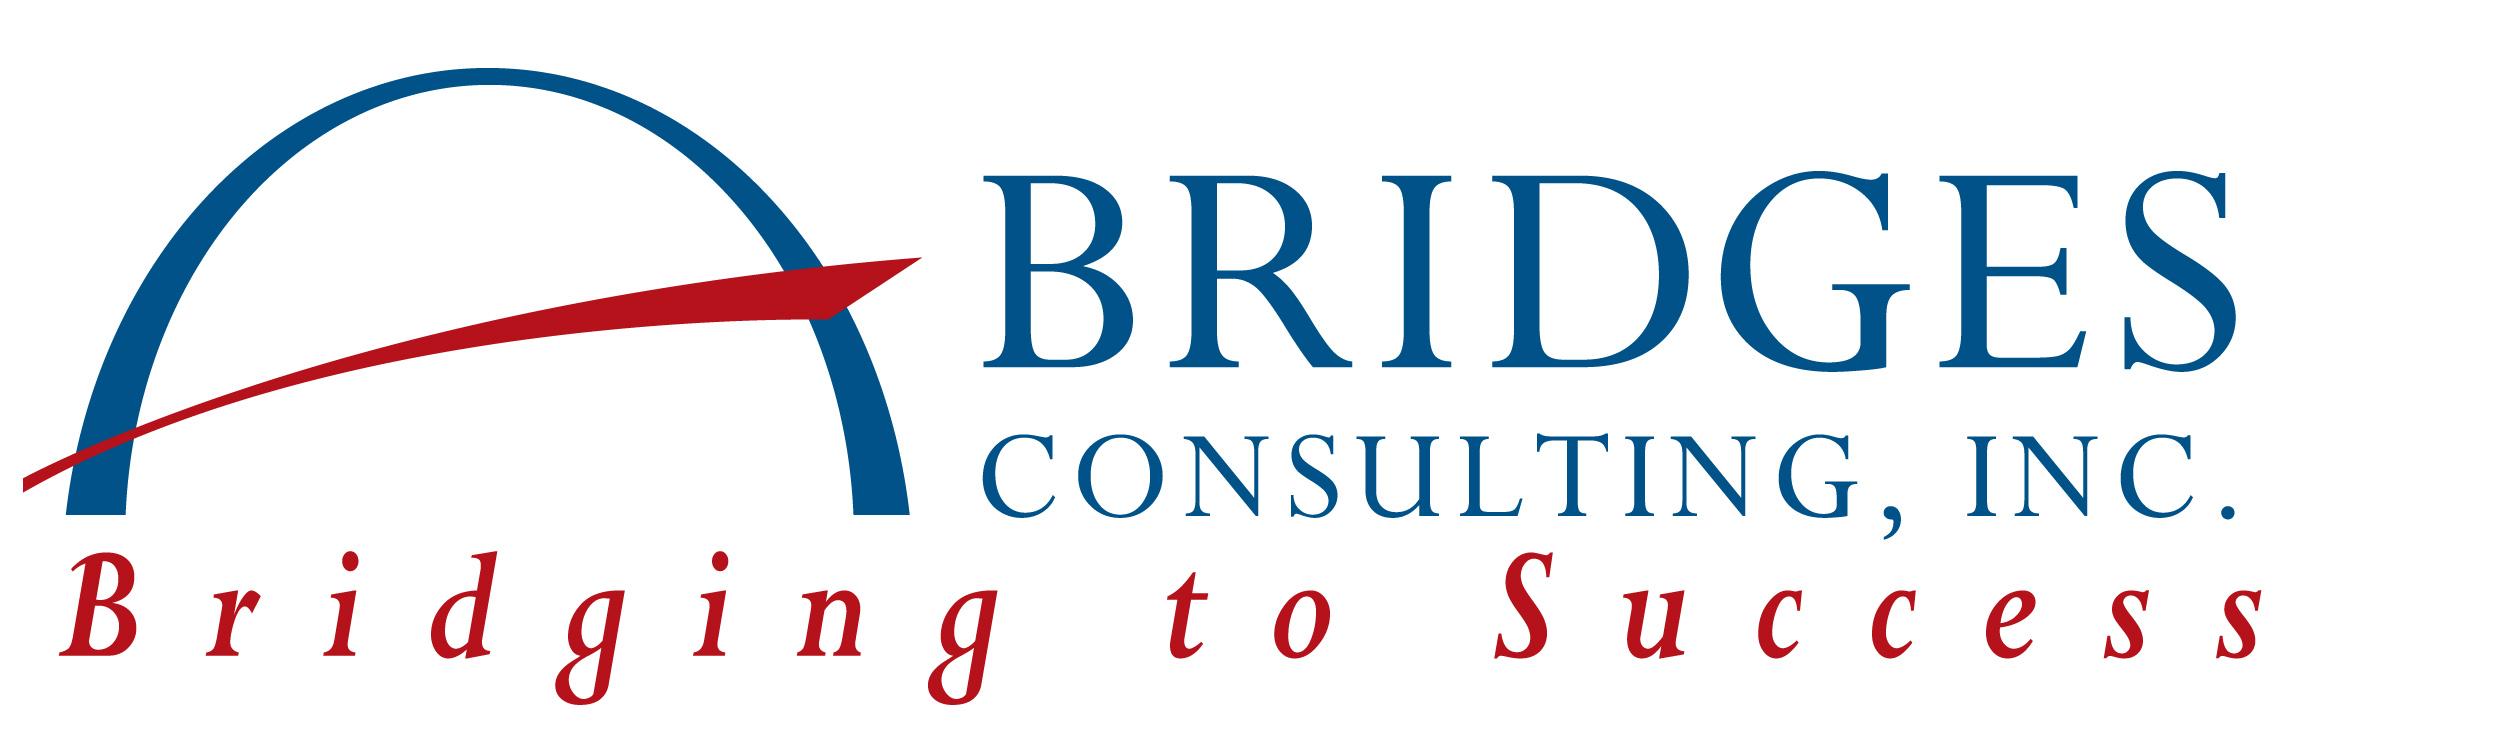 Bridges Consulting Inc. Logo